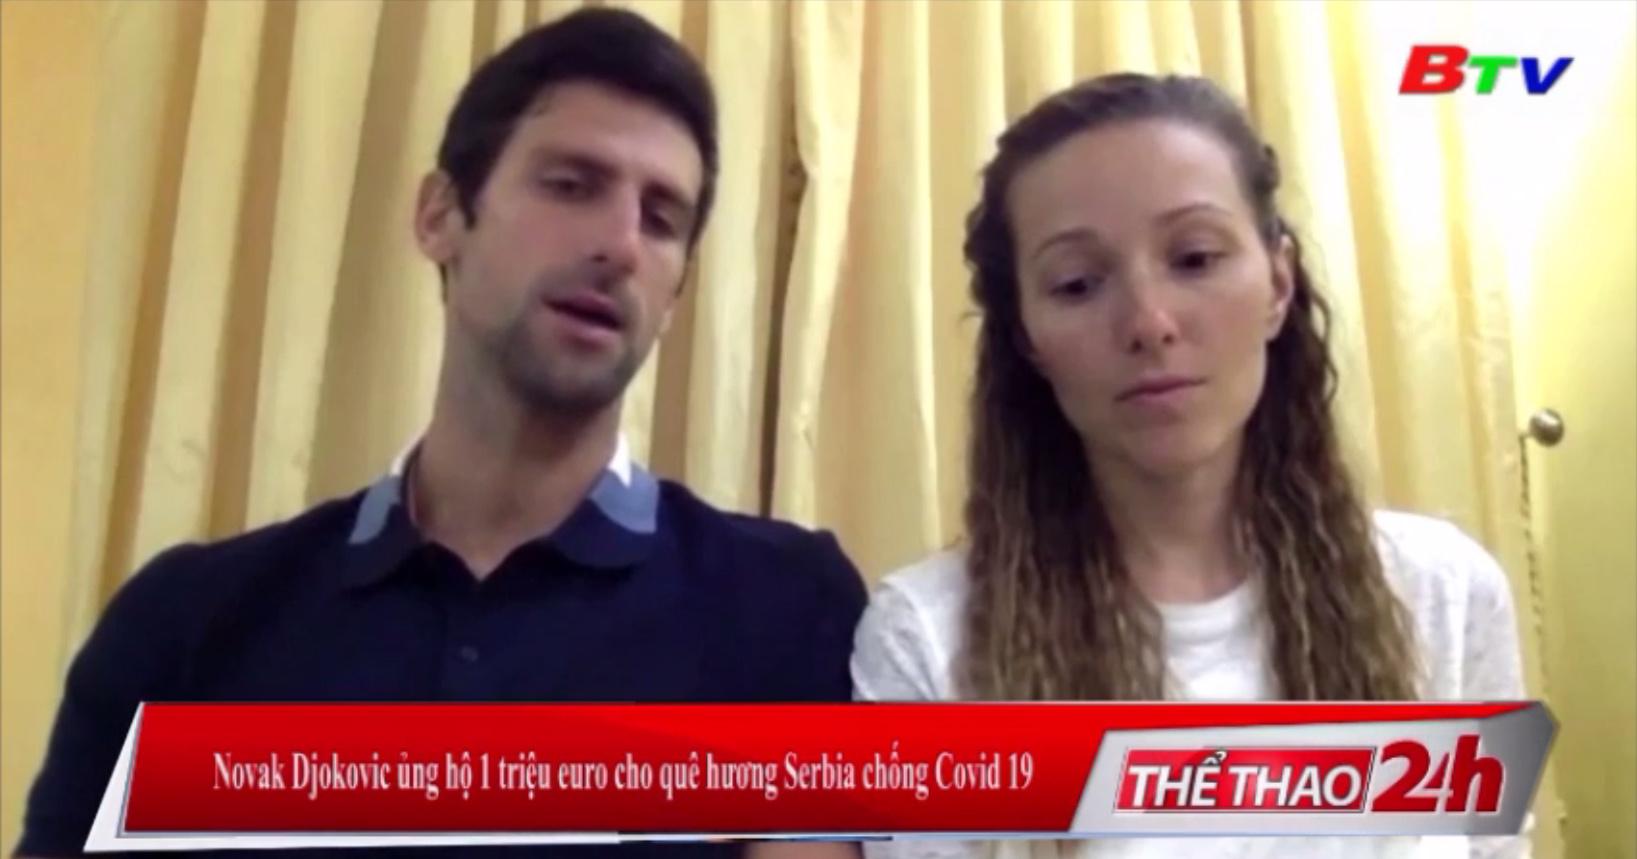 Novak Djokovic ủng hộ 1 triệu euro cho quê hương Serbia chống Covid-19